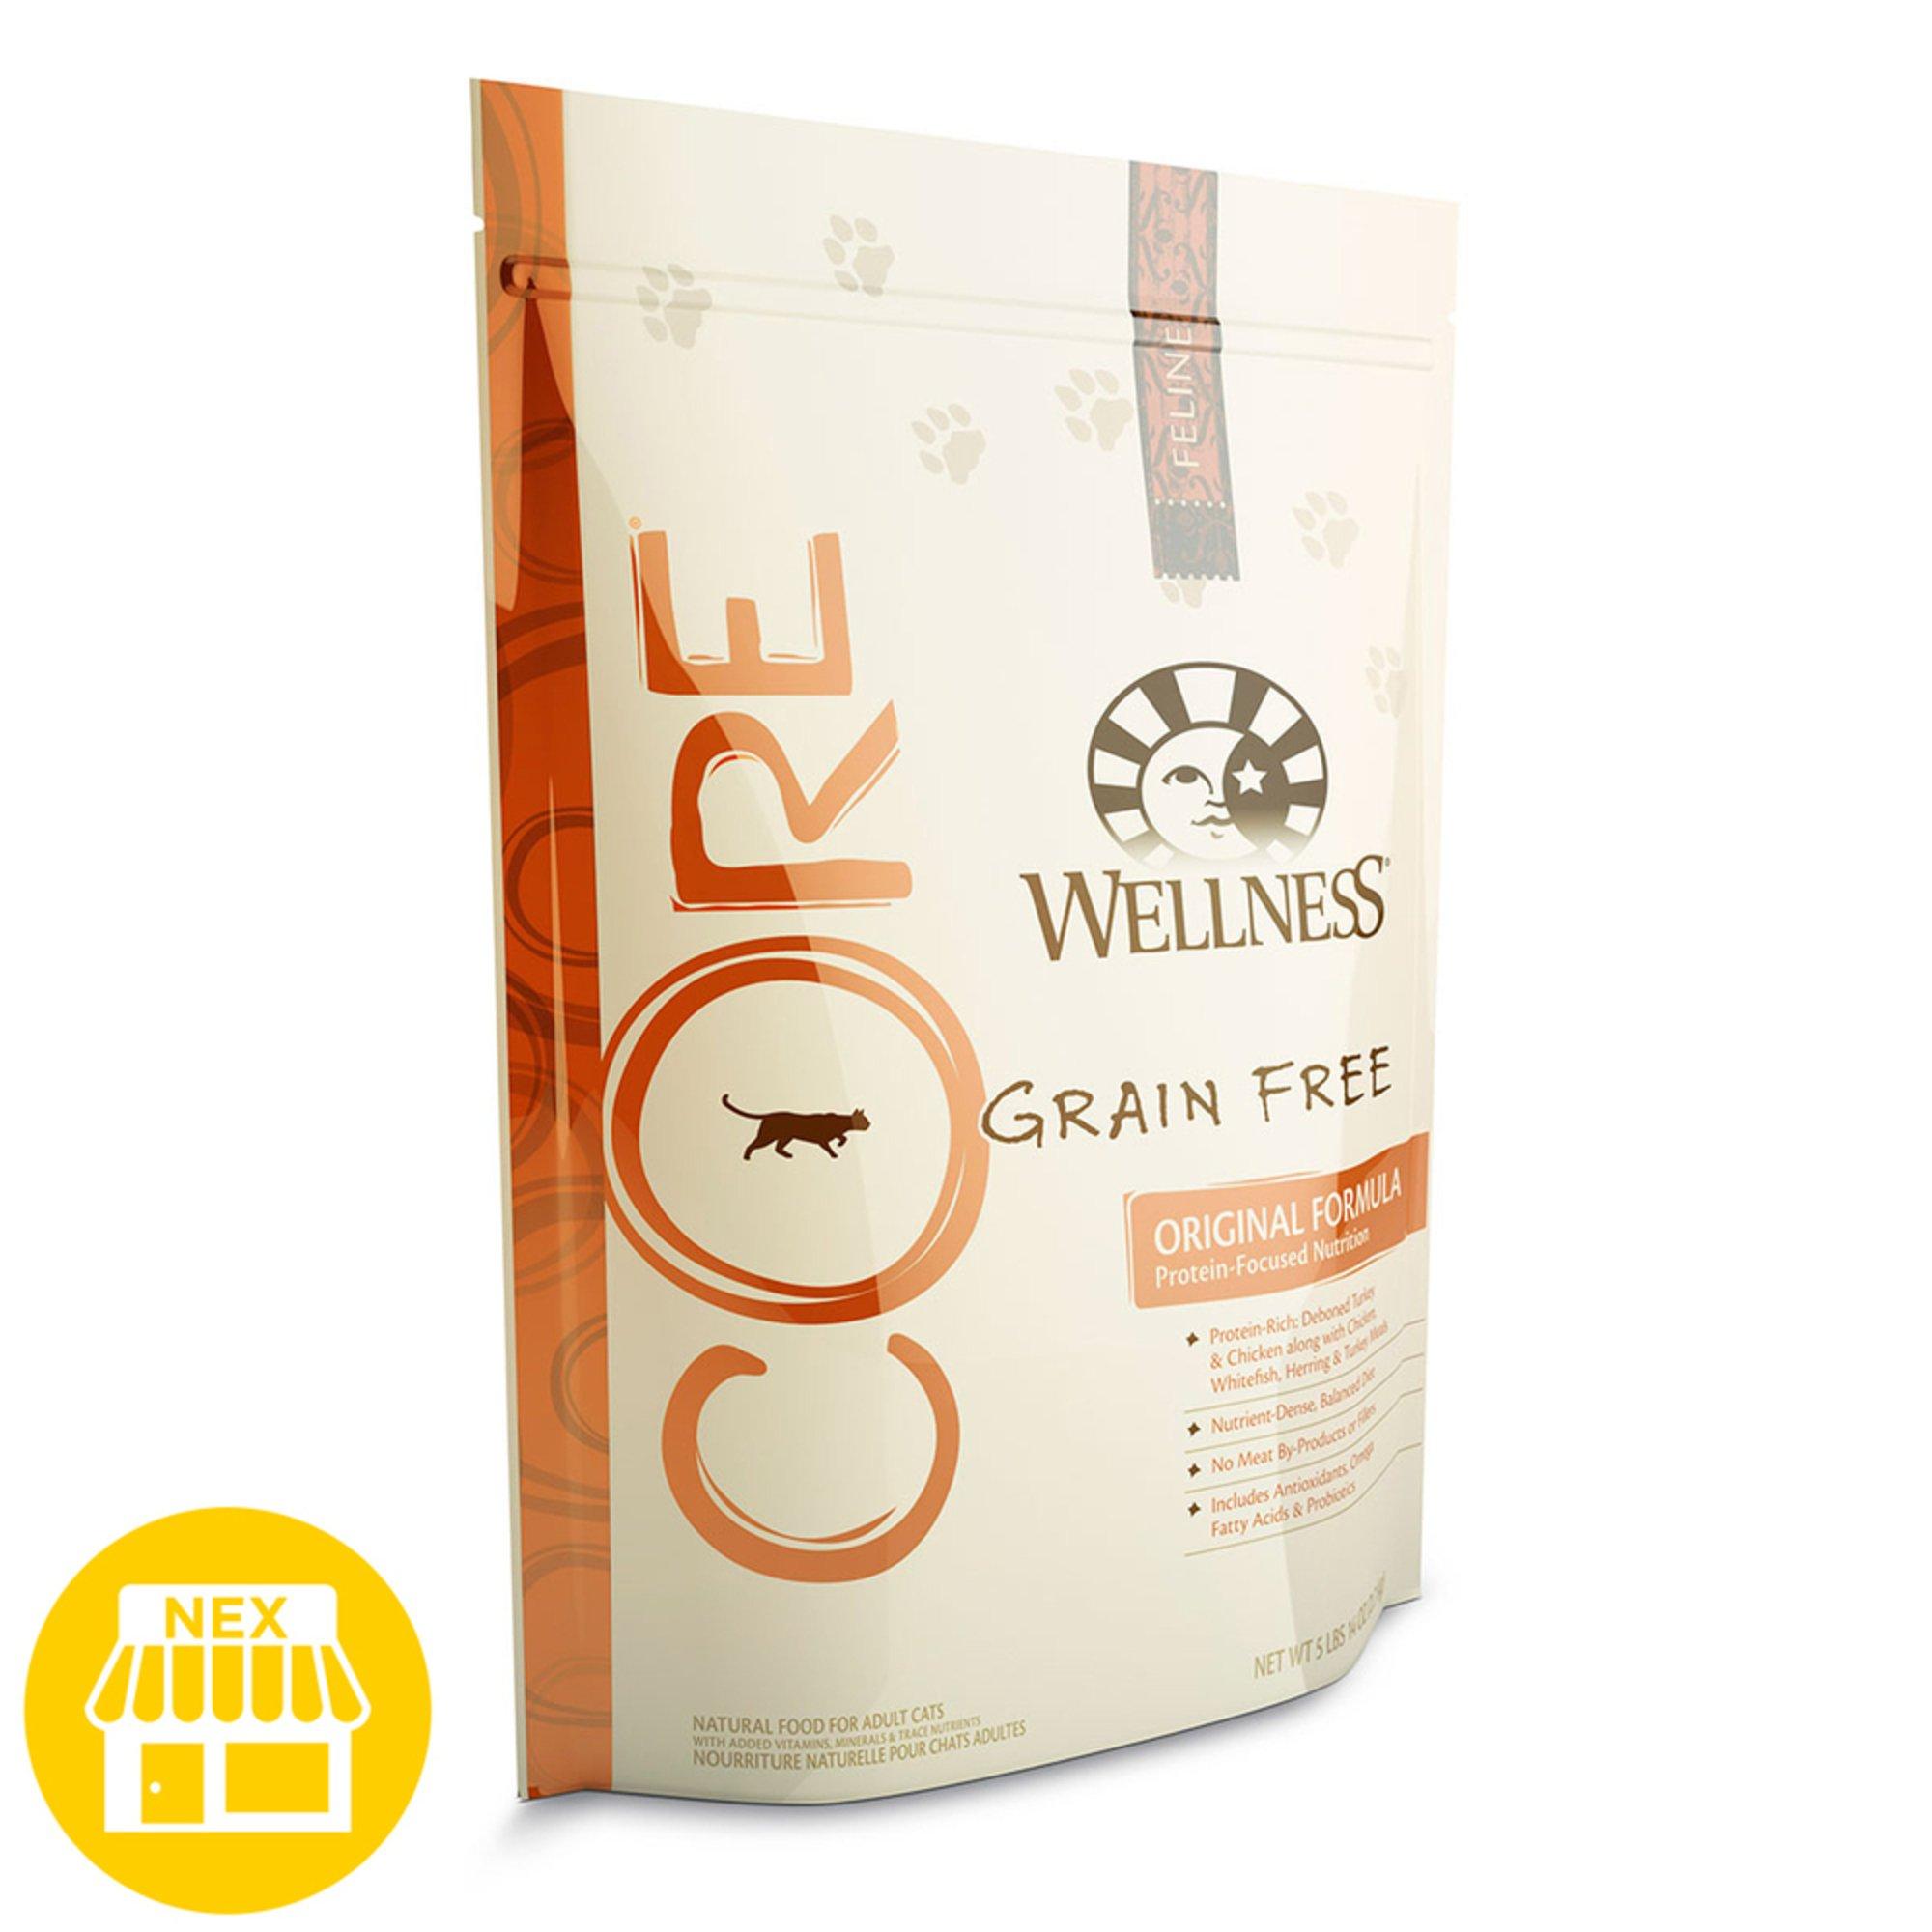 Wellness Grain Free Cat Food Coupons